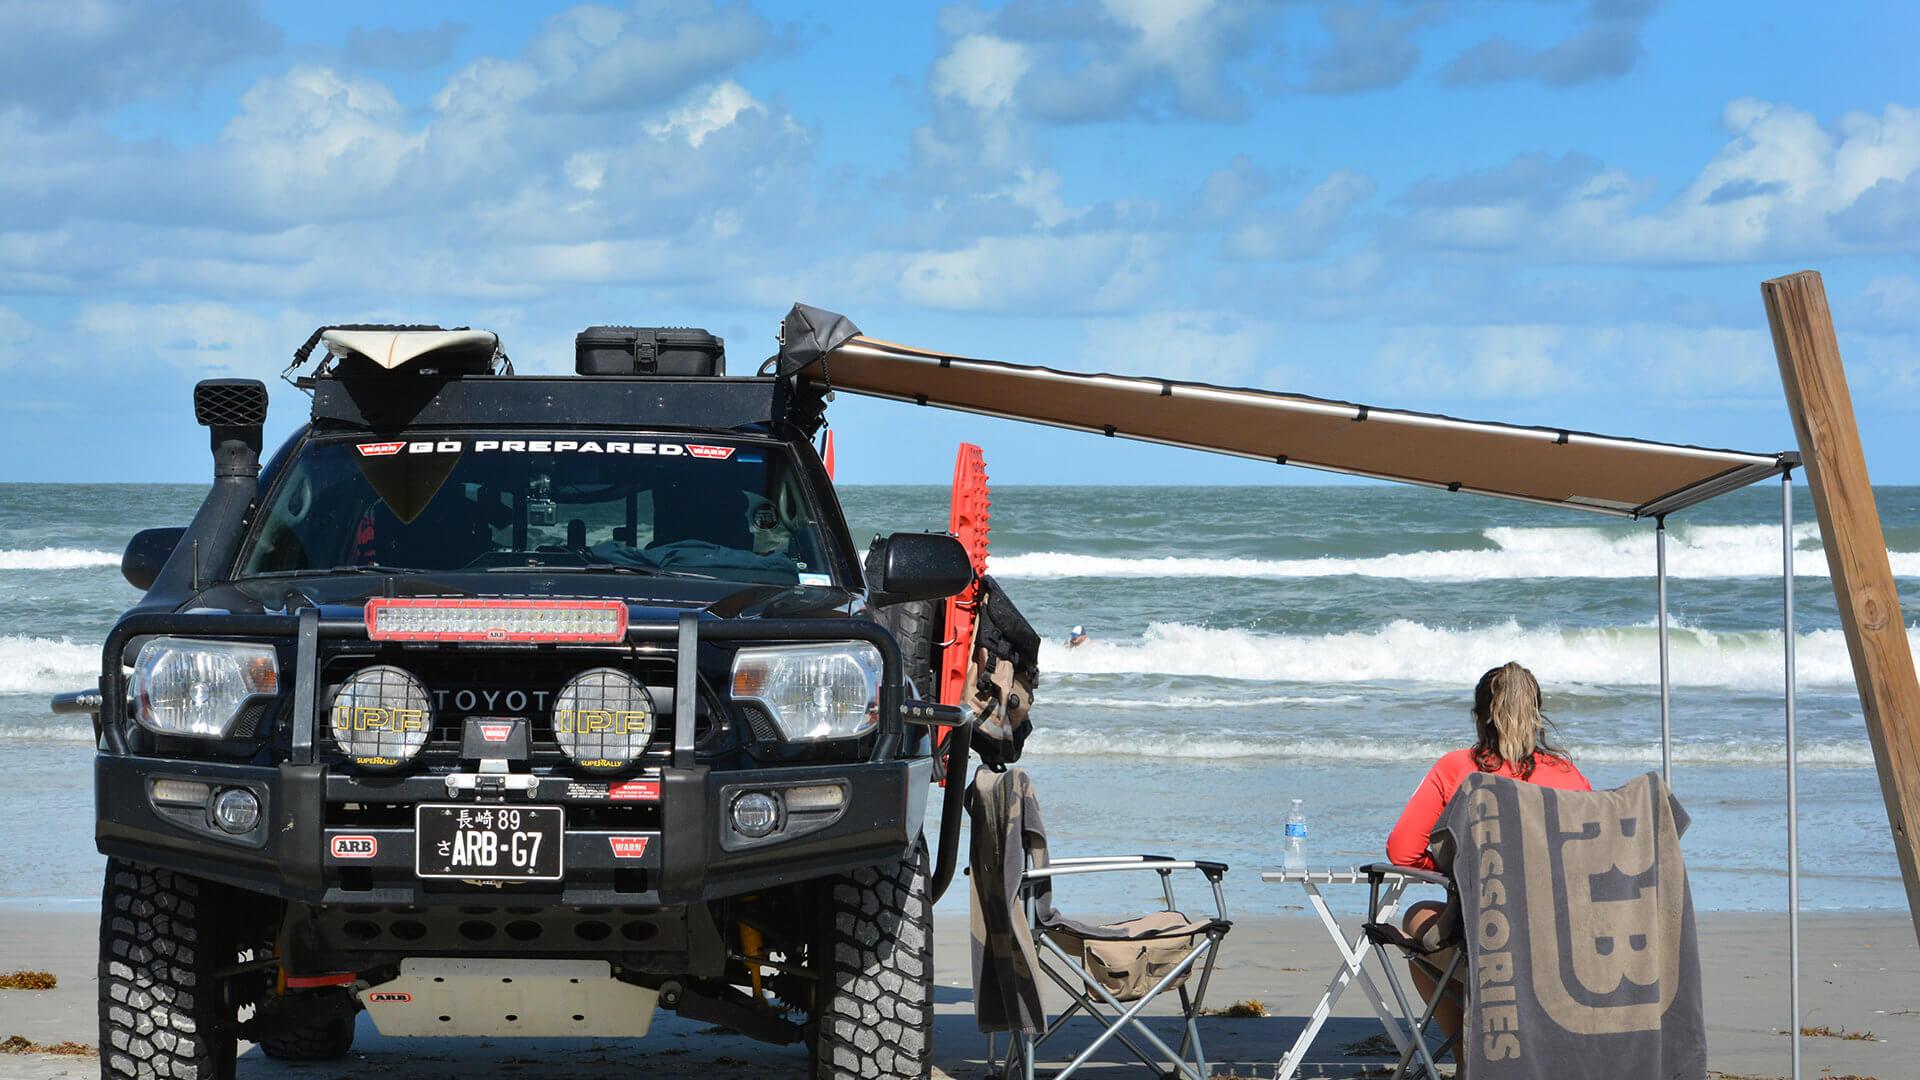 Guillermo Gutierrez Vehicle on Beach